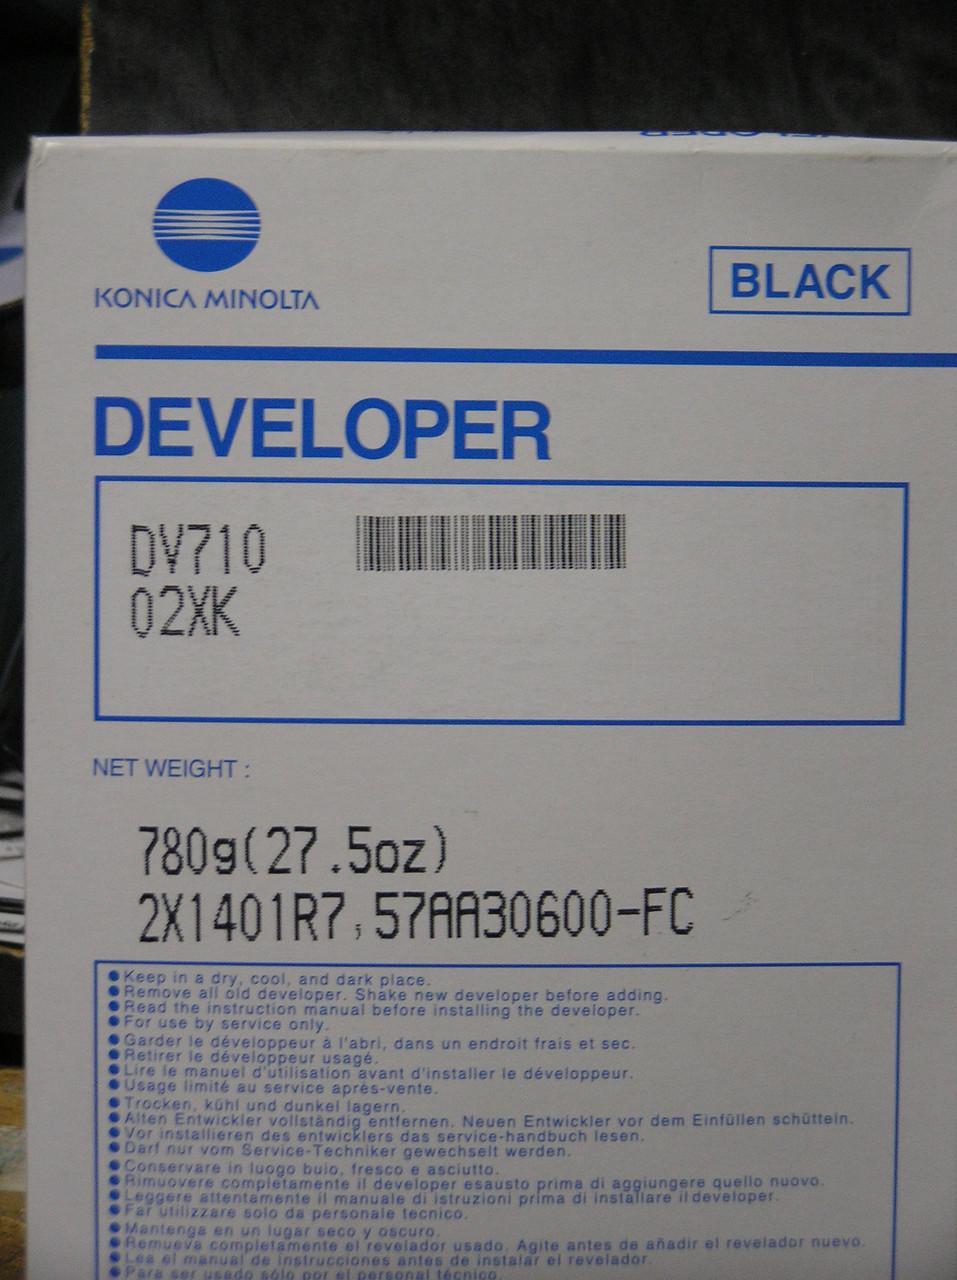 Developer DV 710